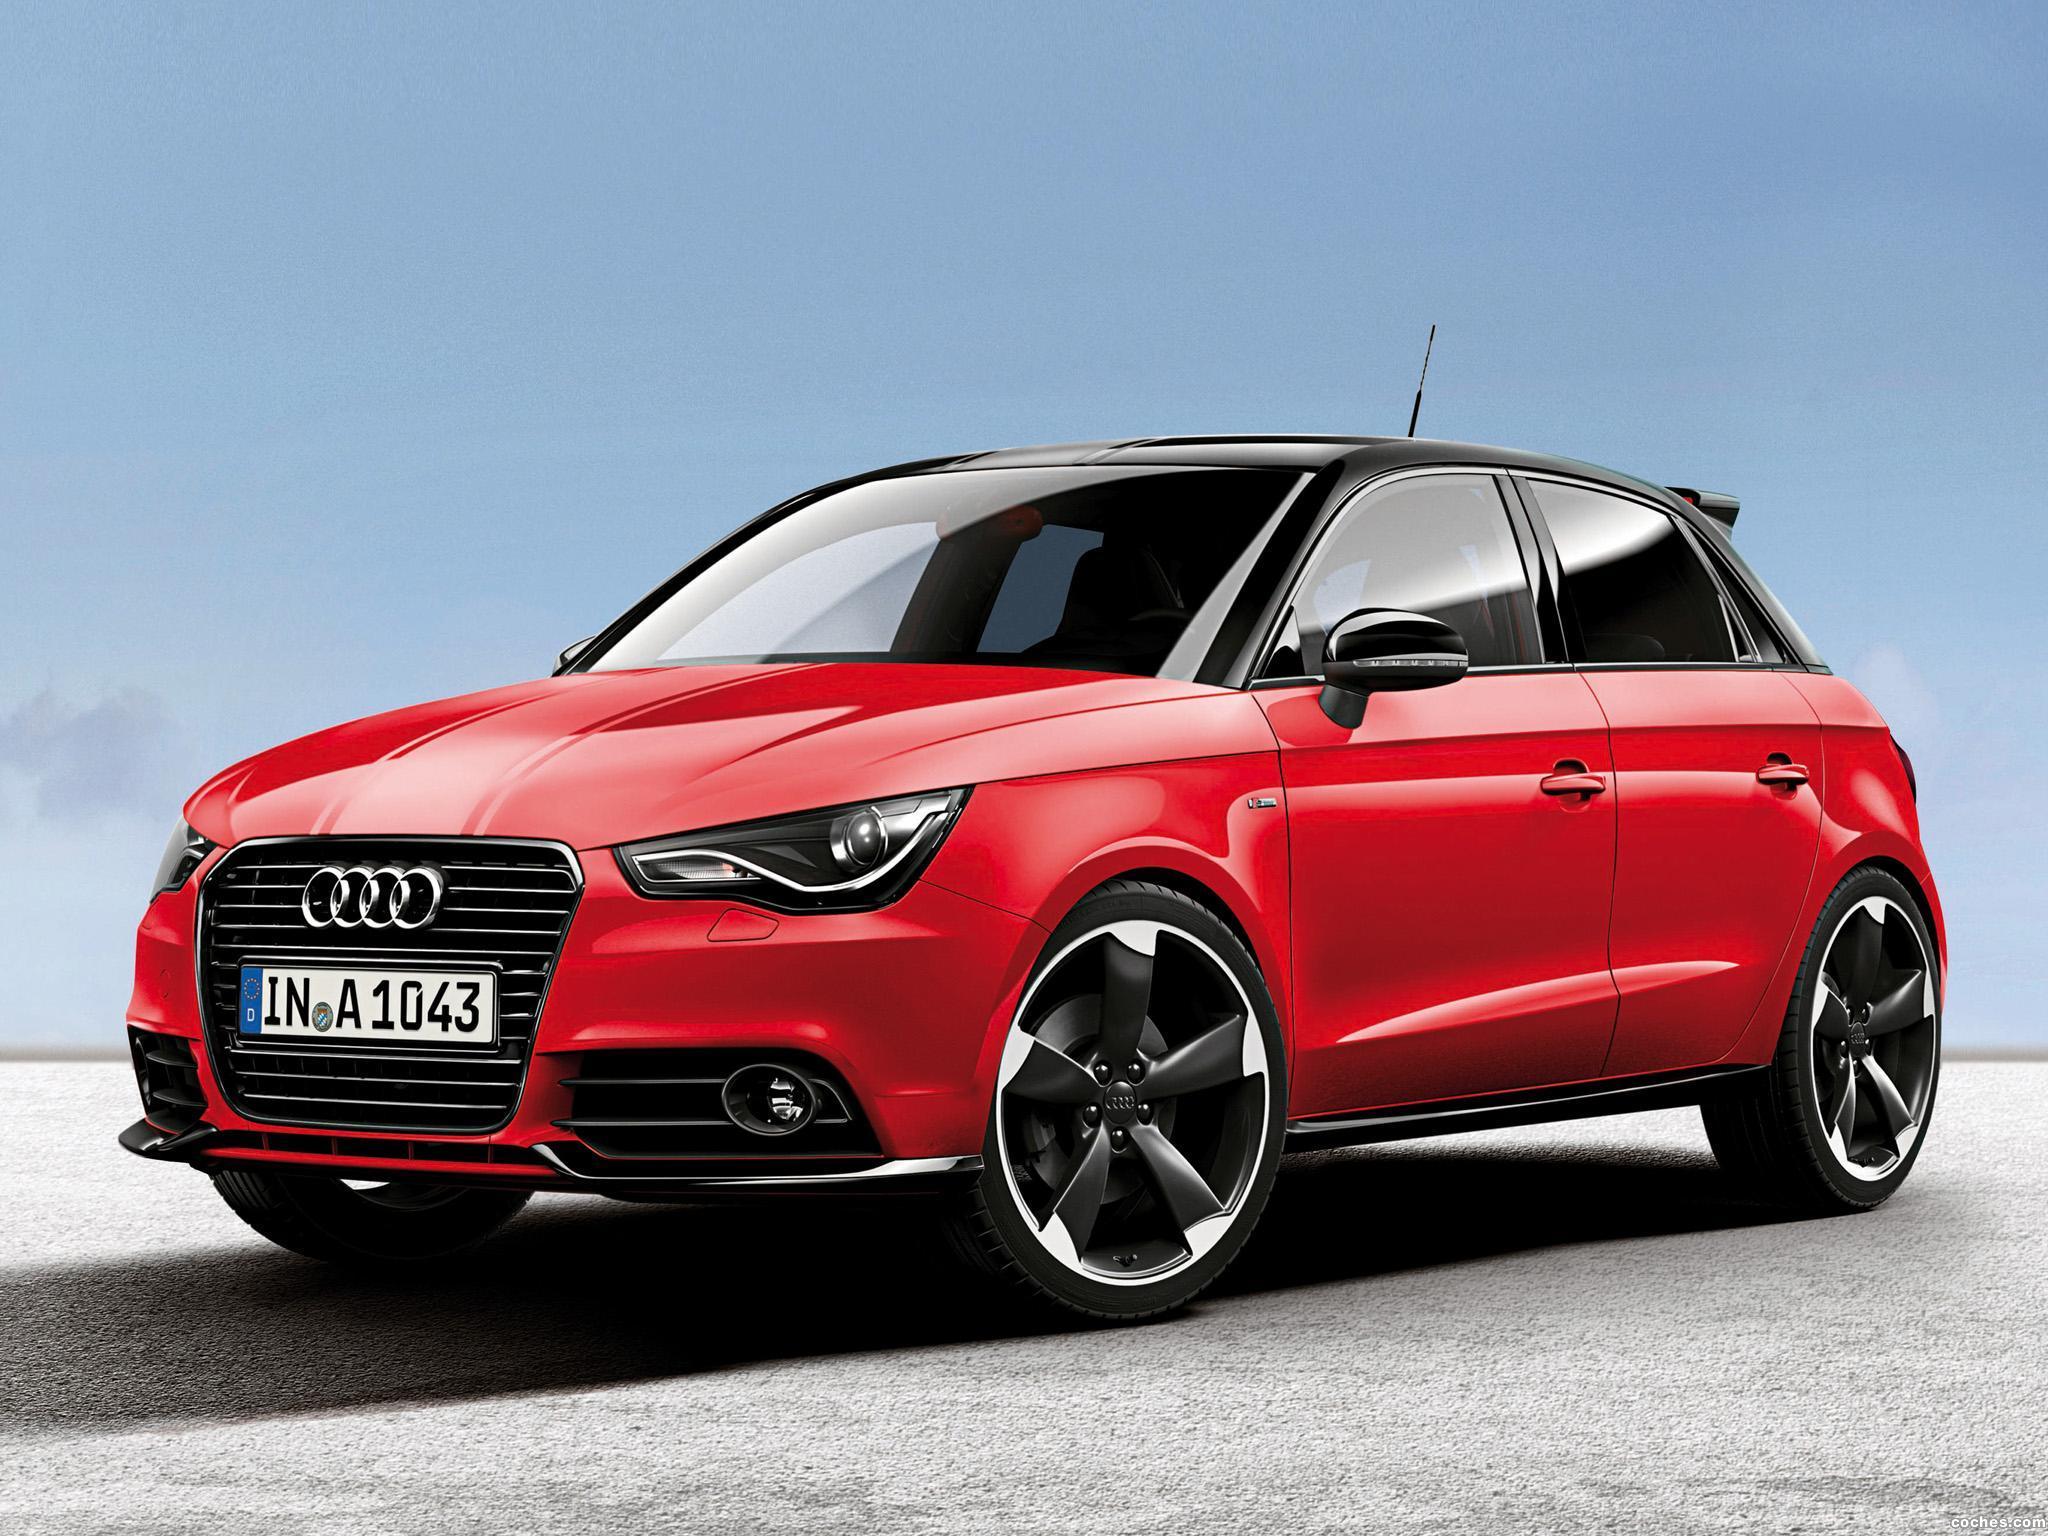 Foto 0 de Audi A1 Sportback Amplified 2012